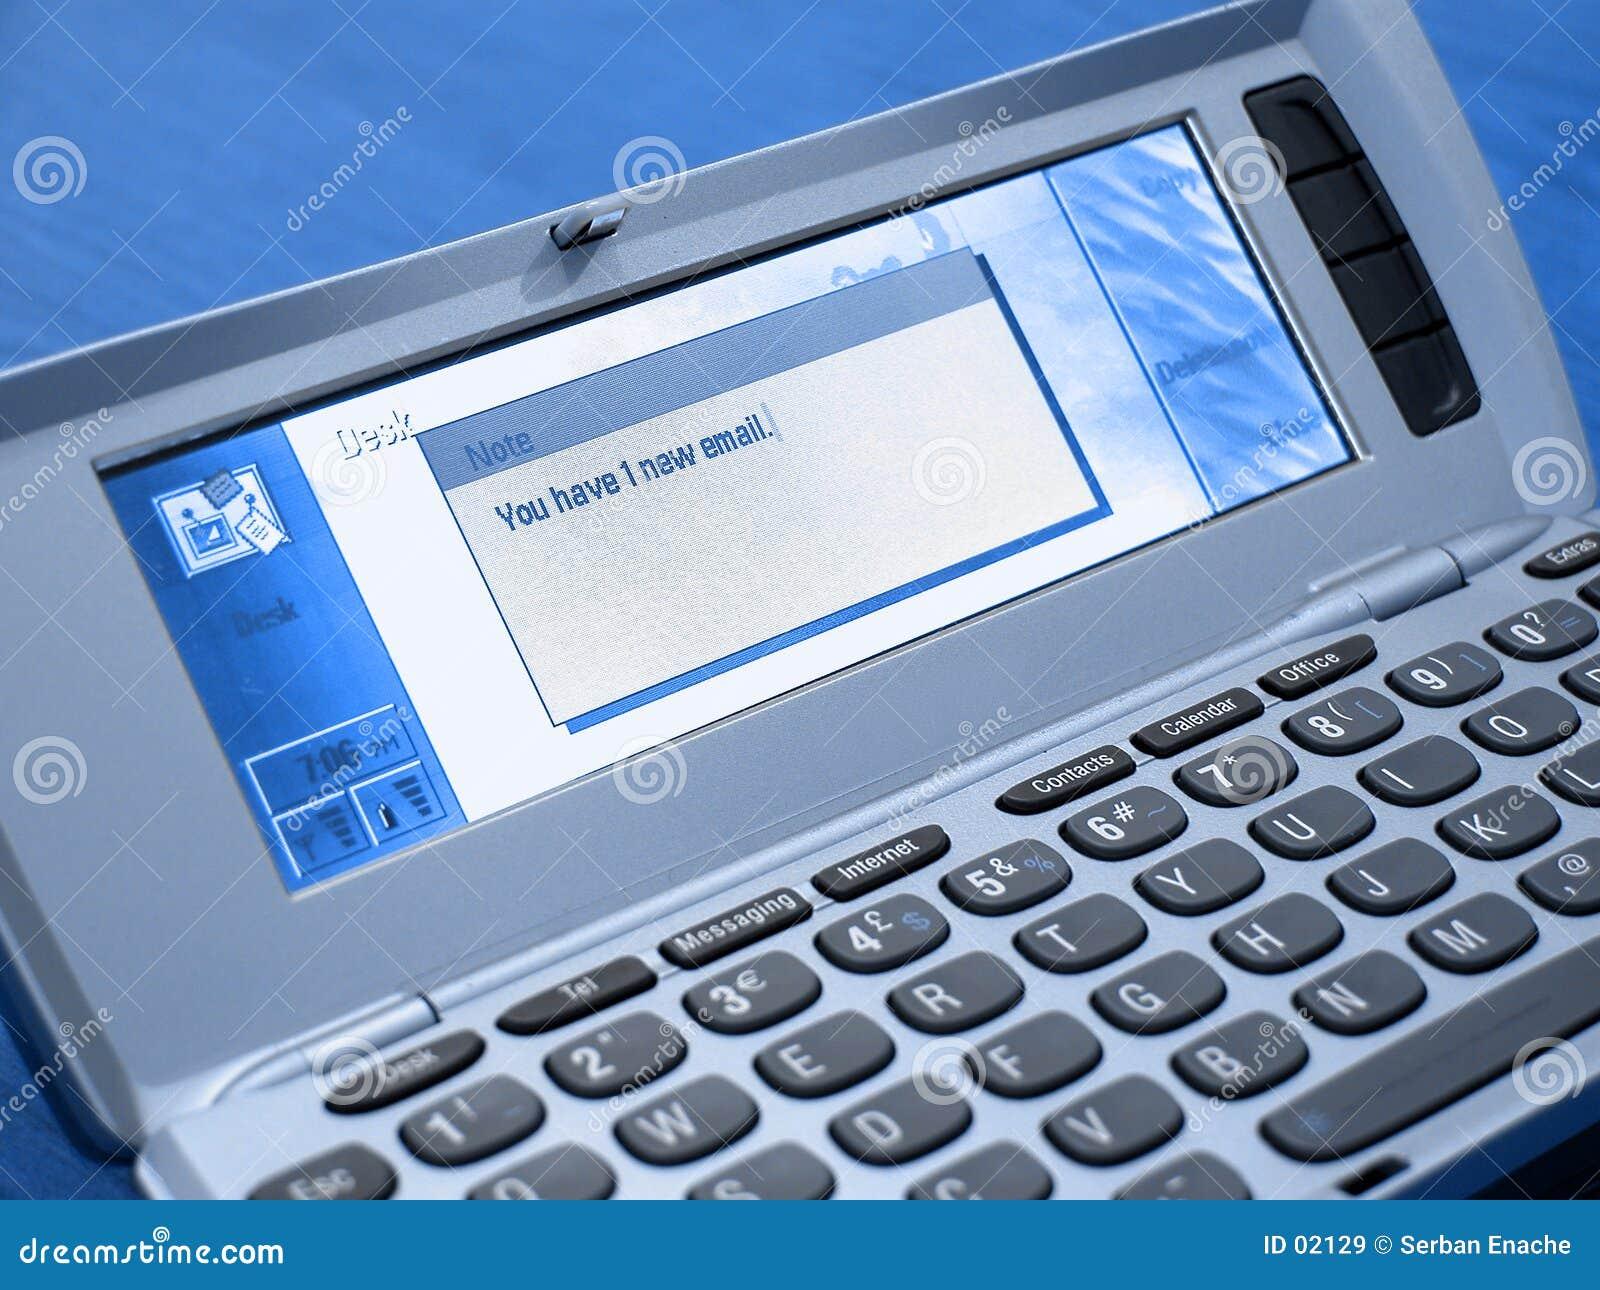 Comunicador azul - usted tiene nuevo correo